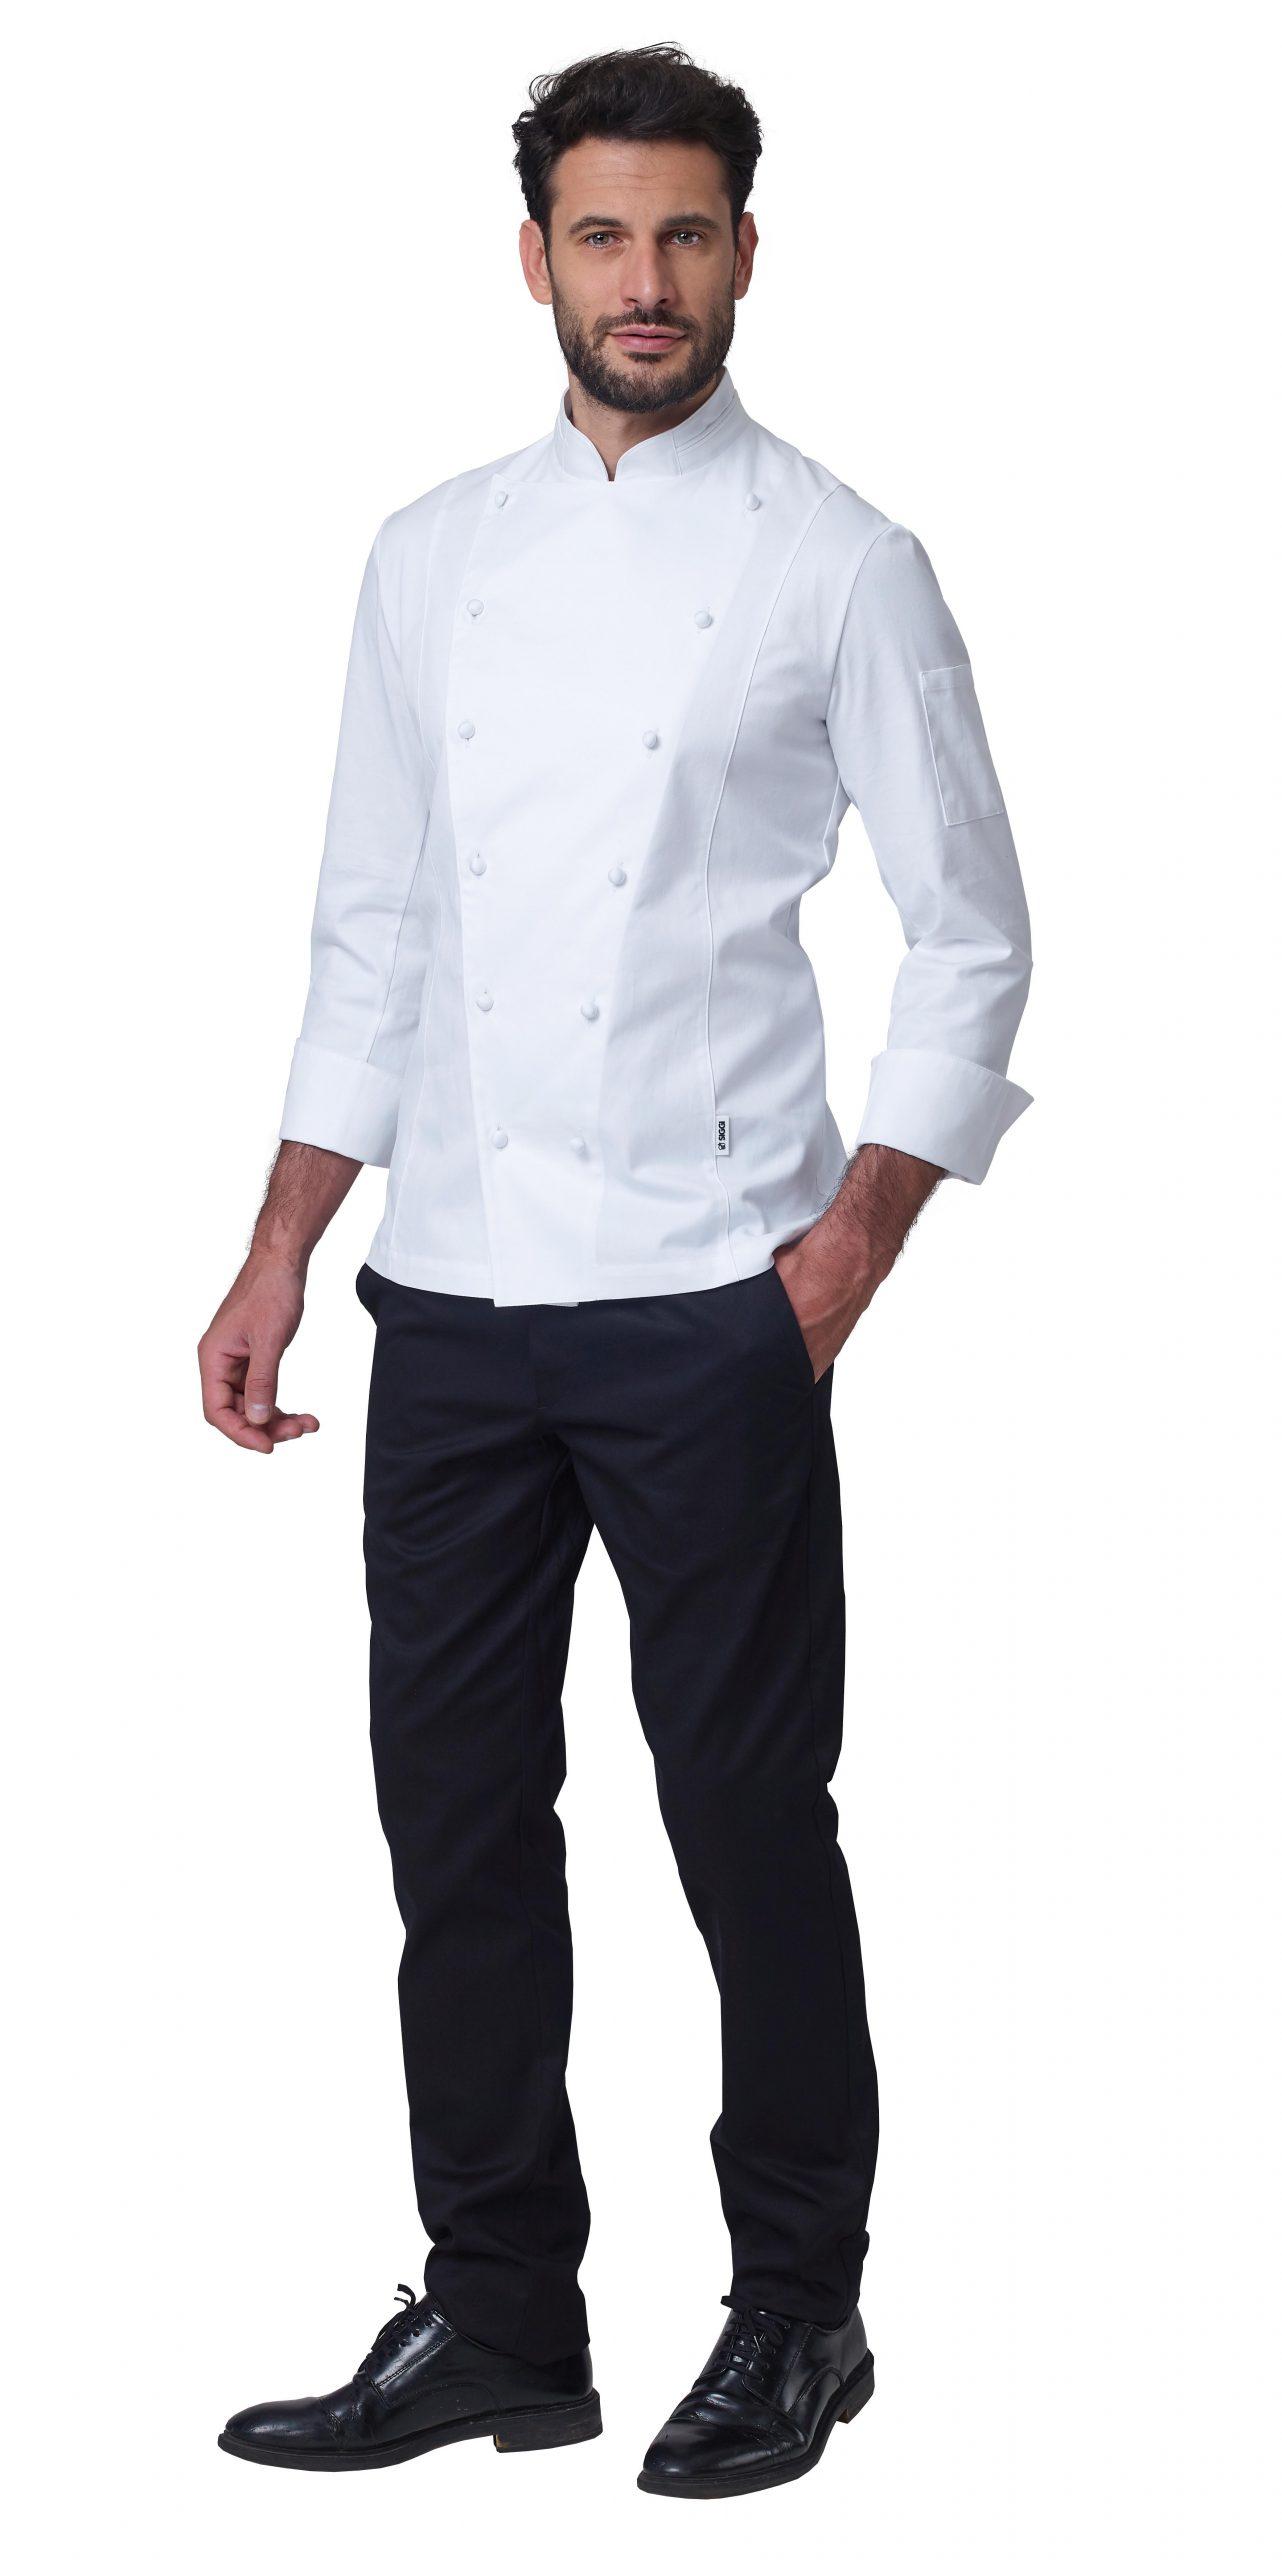 Achille, Giacca chef